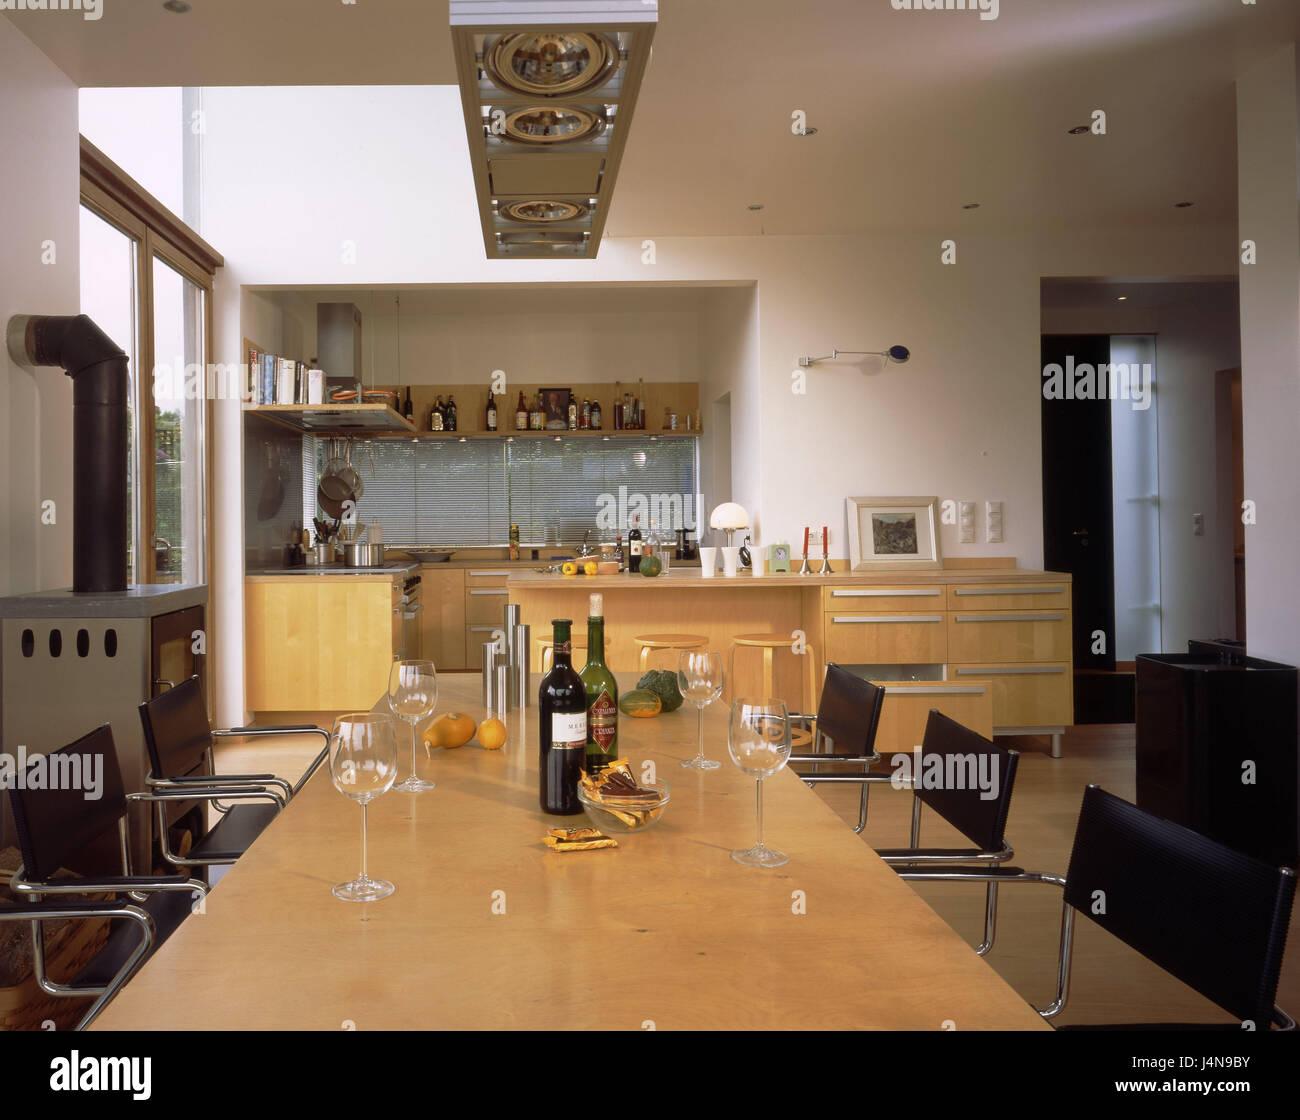 Tavolo Da Soggiorno Cucina.Casa Residenziale Cucina Soggiorno Cucina Cucina Unita Di